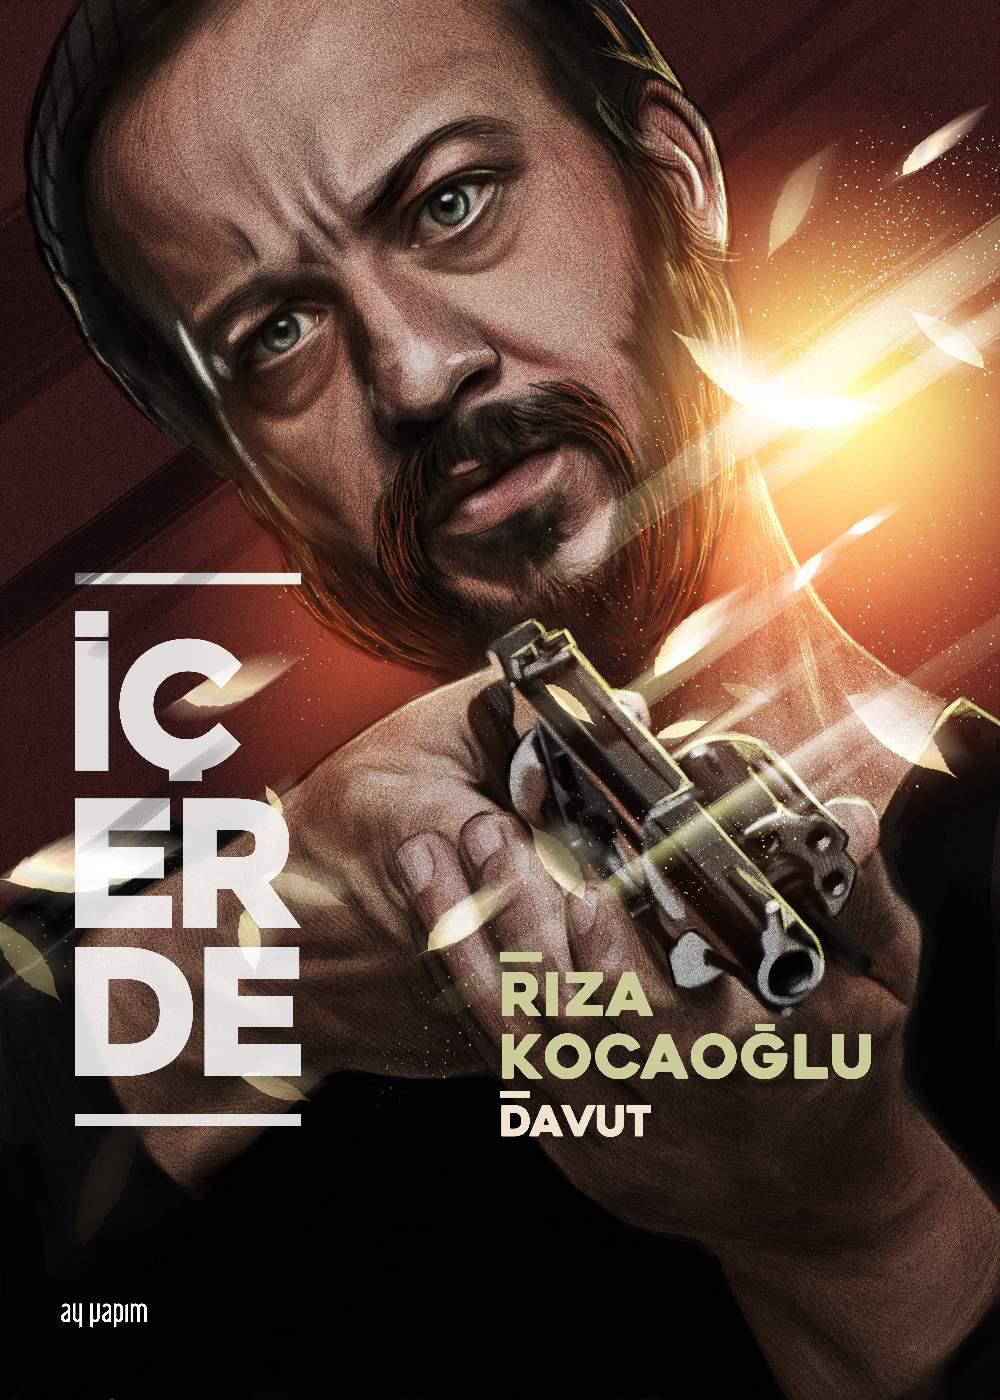 Icerde-Davut-1000